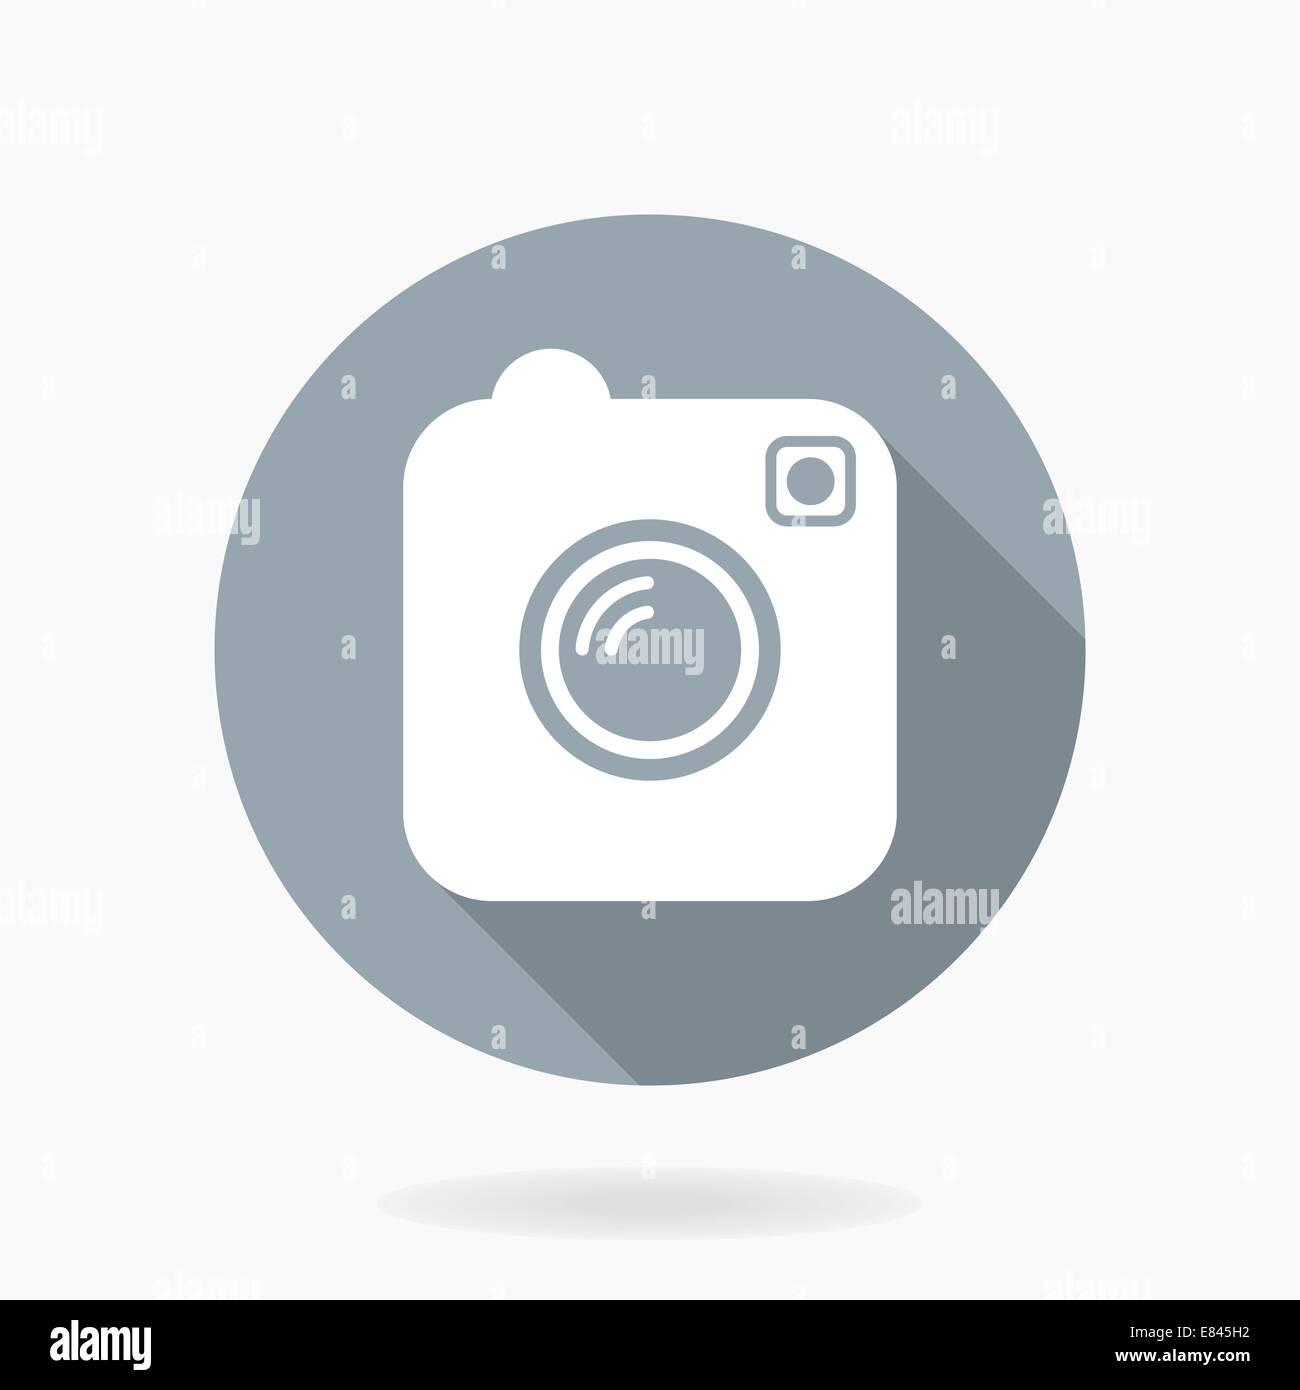 L'icône de caméra vector design avec télévision par le cercle bleu avec long shadow Photo Stock